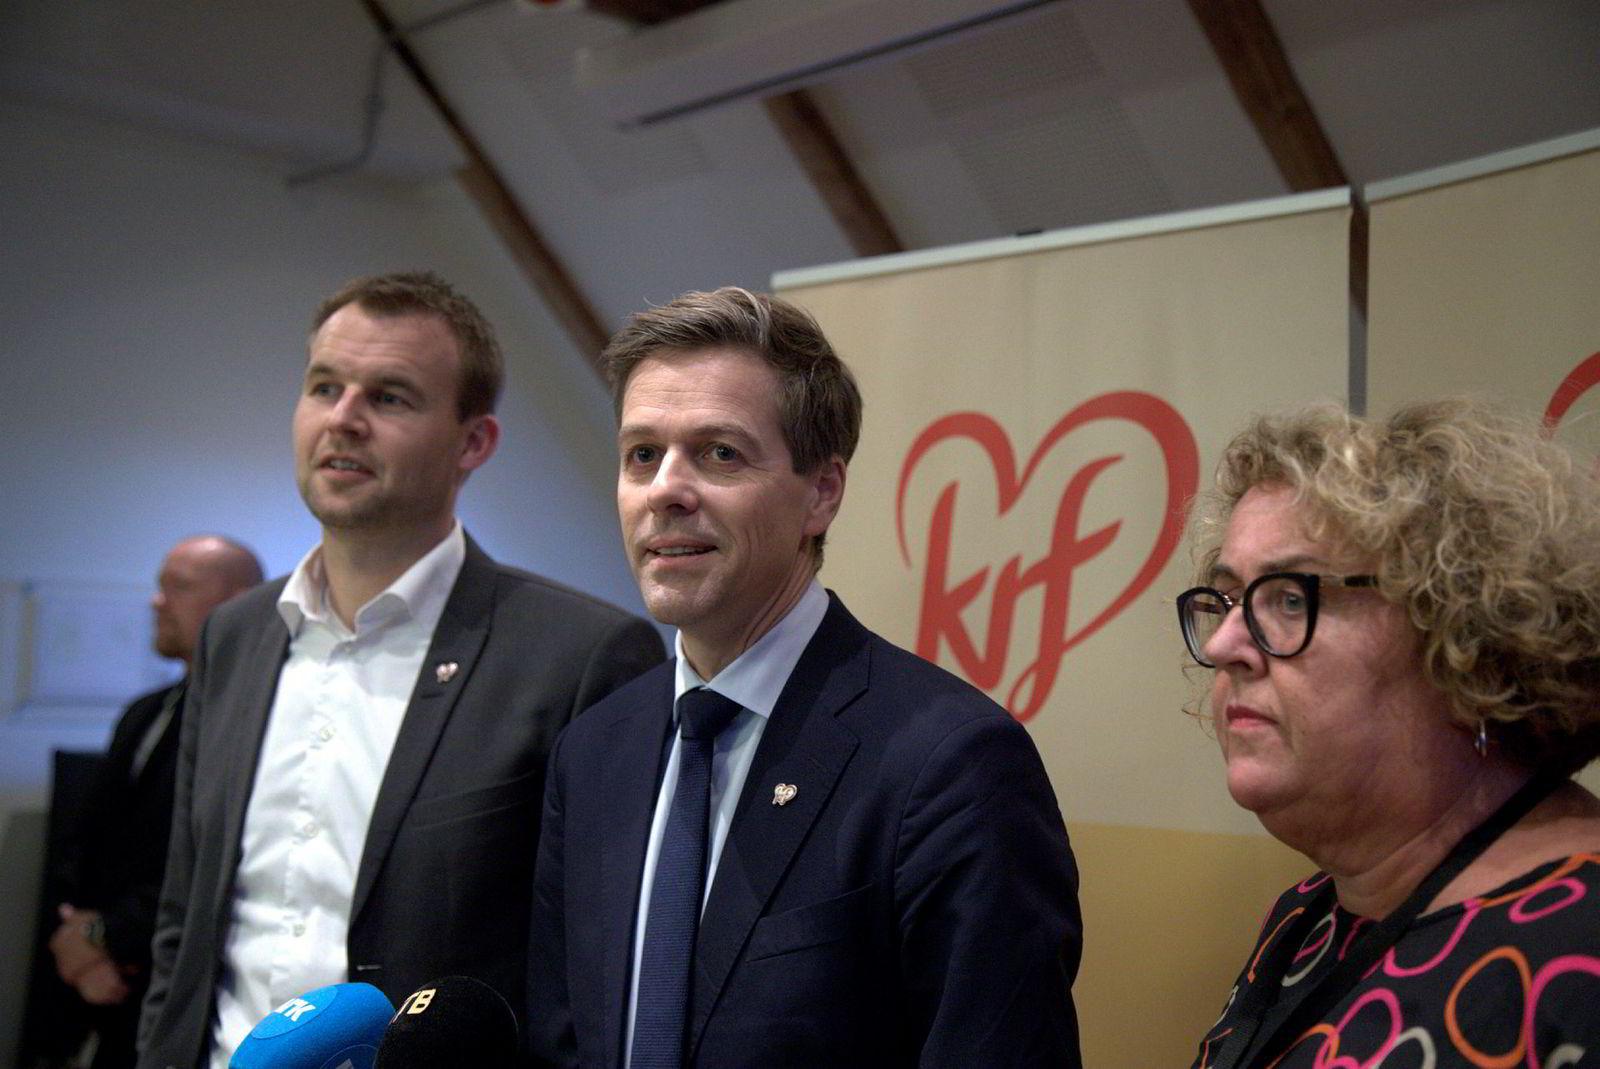 Partileder Knut Arild Hareide (i midten) ønsker venstrevridning mens nestlederne Kjell Ingolf Ropstad og Olaug Bollestad vil heller begynne å snakke med høyresiden.